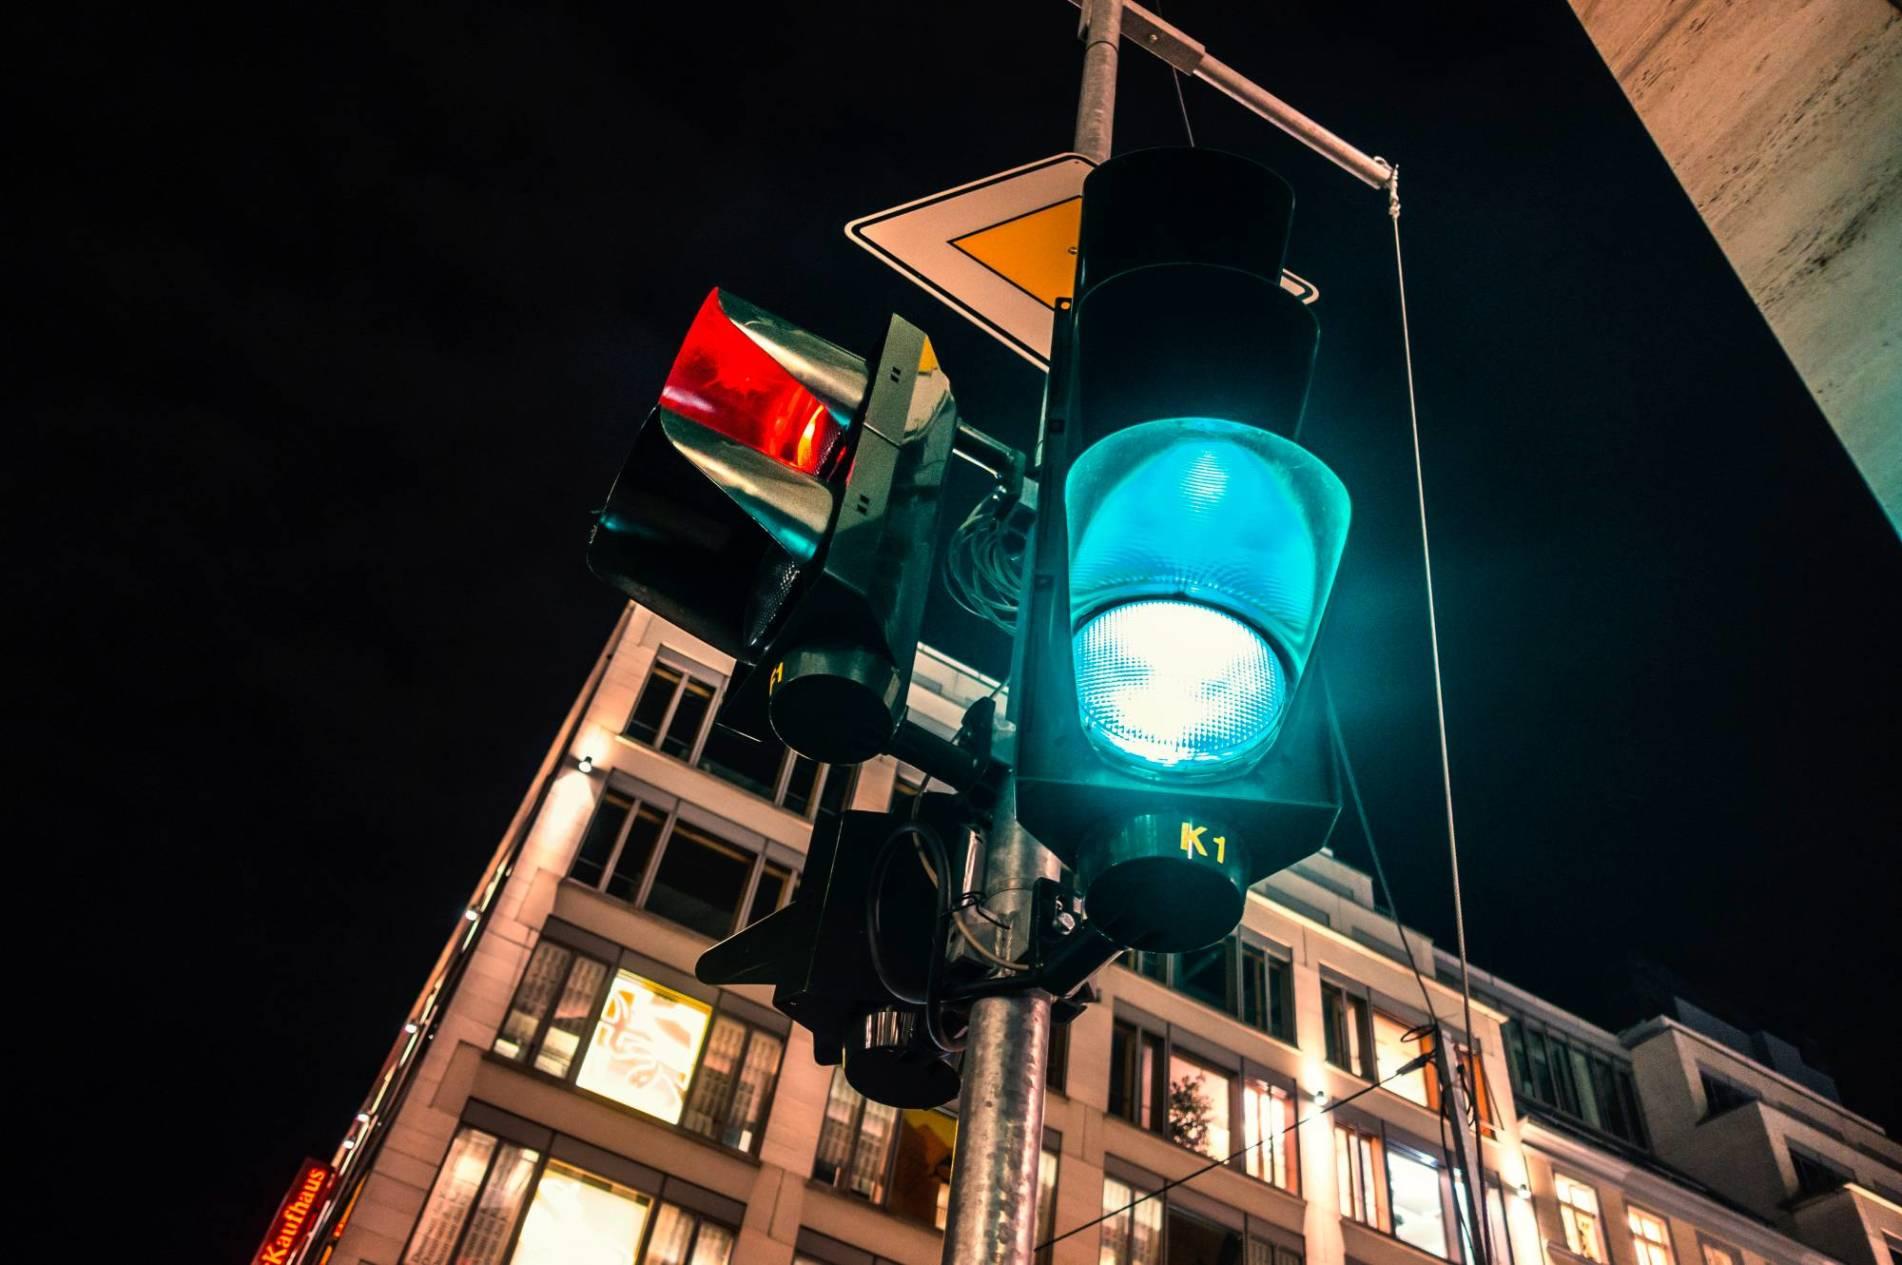 VP 5150710, DEUTSCHLAND, BERLIN, 15.01.2015,  Verkehrsampel bei nacht  [Urhebervermerk: Karl-Heinz Spremberg/Chromorange/vario images]  [JEGLICHE VERWENDUNG nur gegen HONORAR und BELEG. URHEBER/AGENTURVERMERK wird gemaess Paragraph 13 UrhG und unserer AGB ausdruecklich verlangt. Es gelten ausschliesslich unsere AGB. Tel: +49-(0)228-935650, www.vario-images.com]